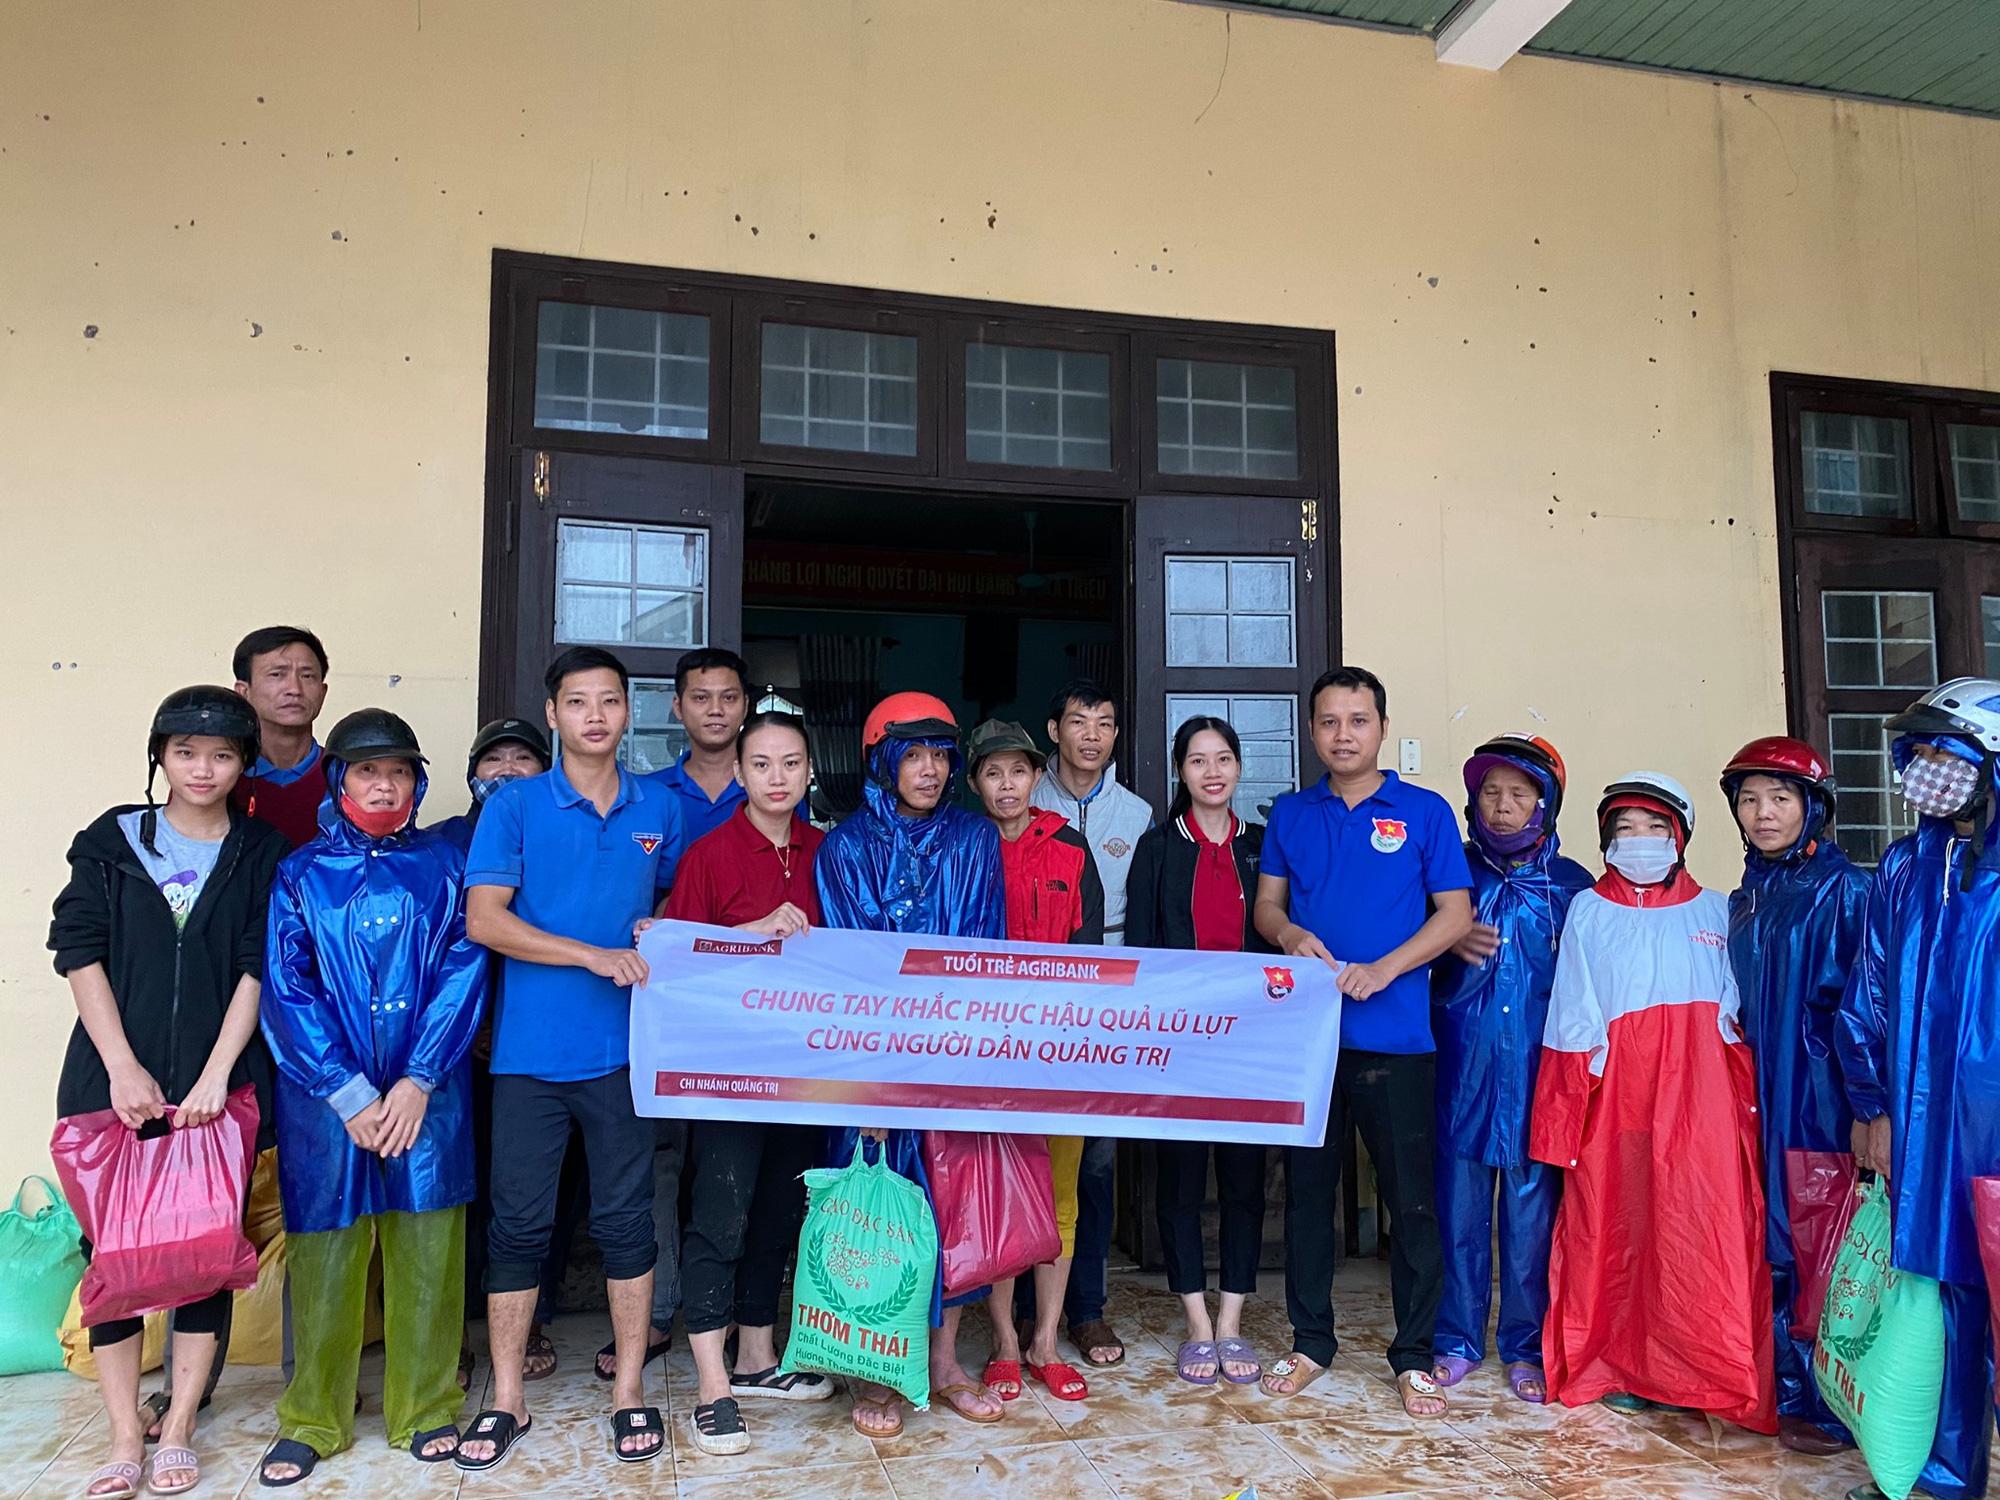 Tuổi trẻ Agribank Quảng Trị chung tay khắc phục hậu quả do mưa lũ - Ảnh 1.